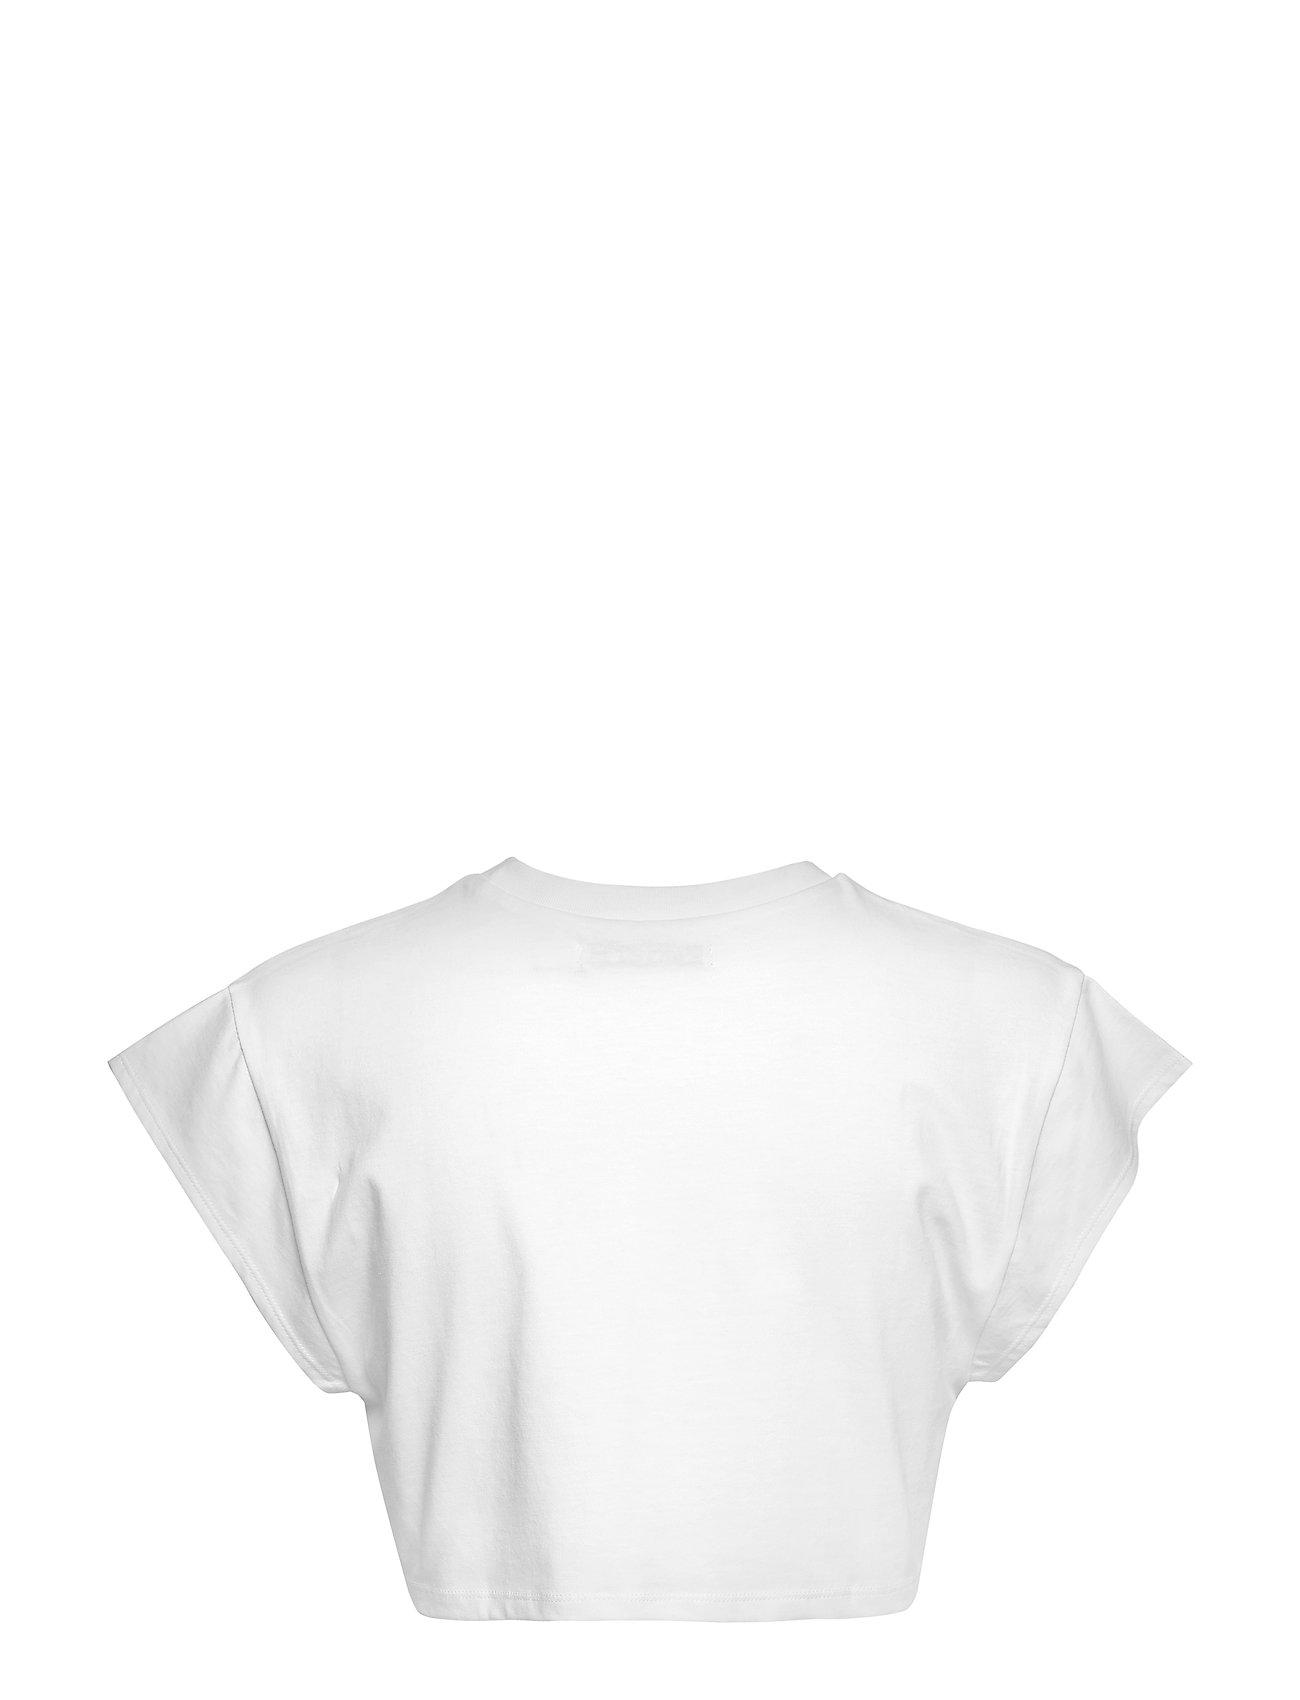 T Cropped Cropped WhiteIvyrevel shirtoptical Cropped T shirtoptical WhiteIvyrevel Cropped T shirtoptical WhiteIvyrevel T qzpSMUVG